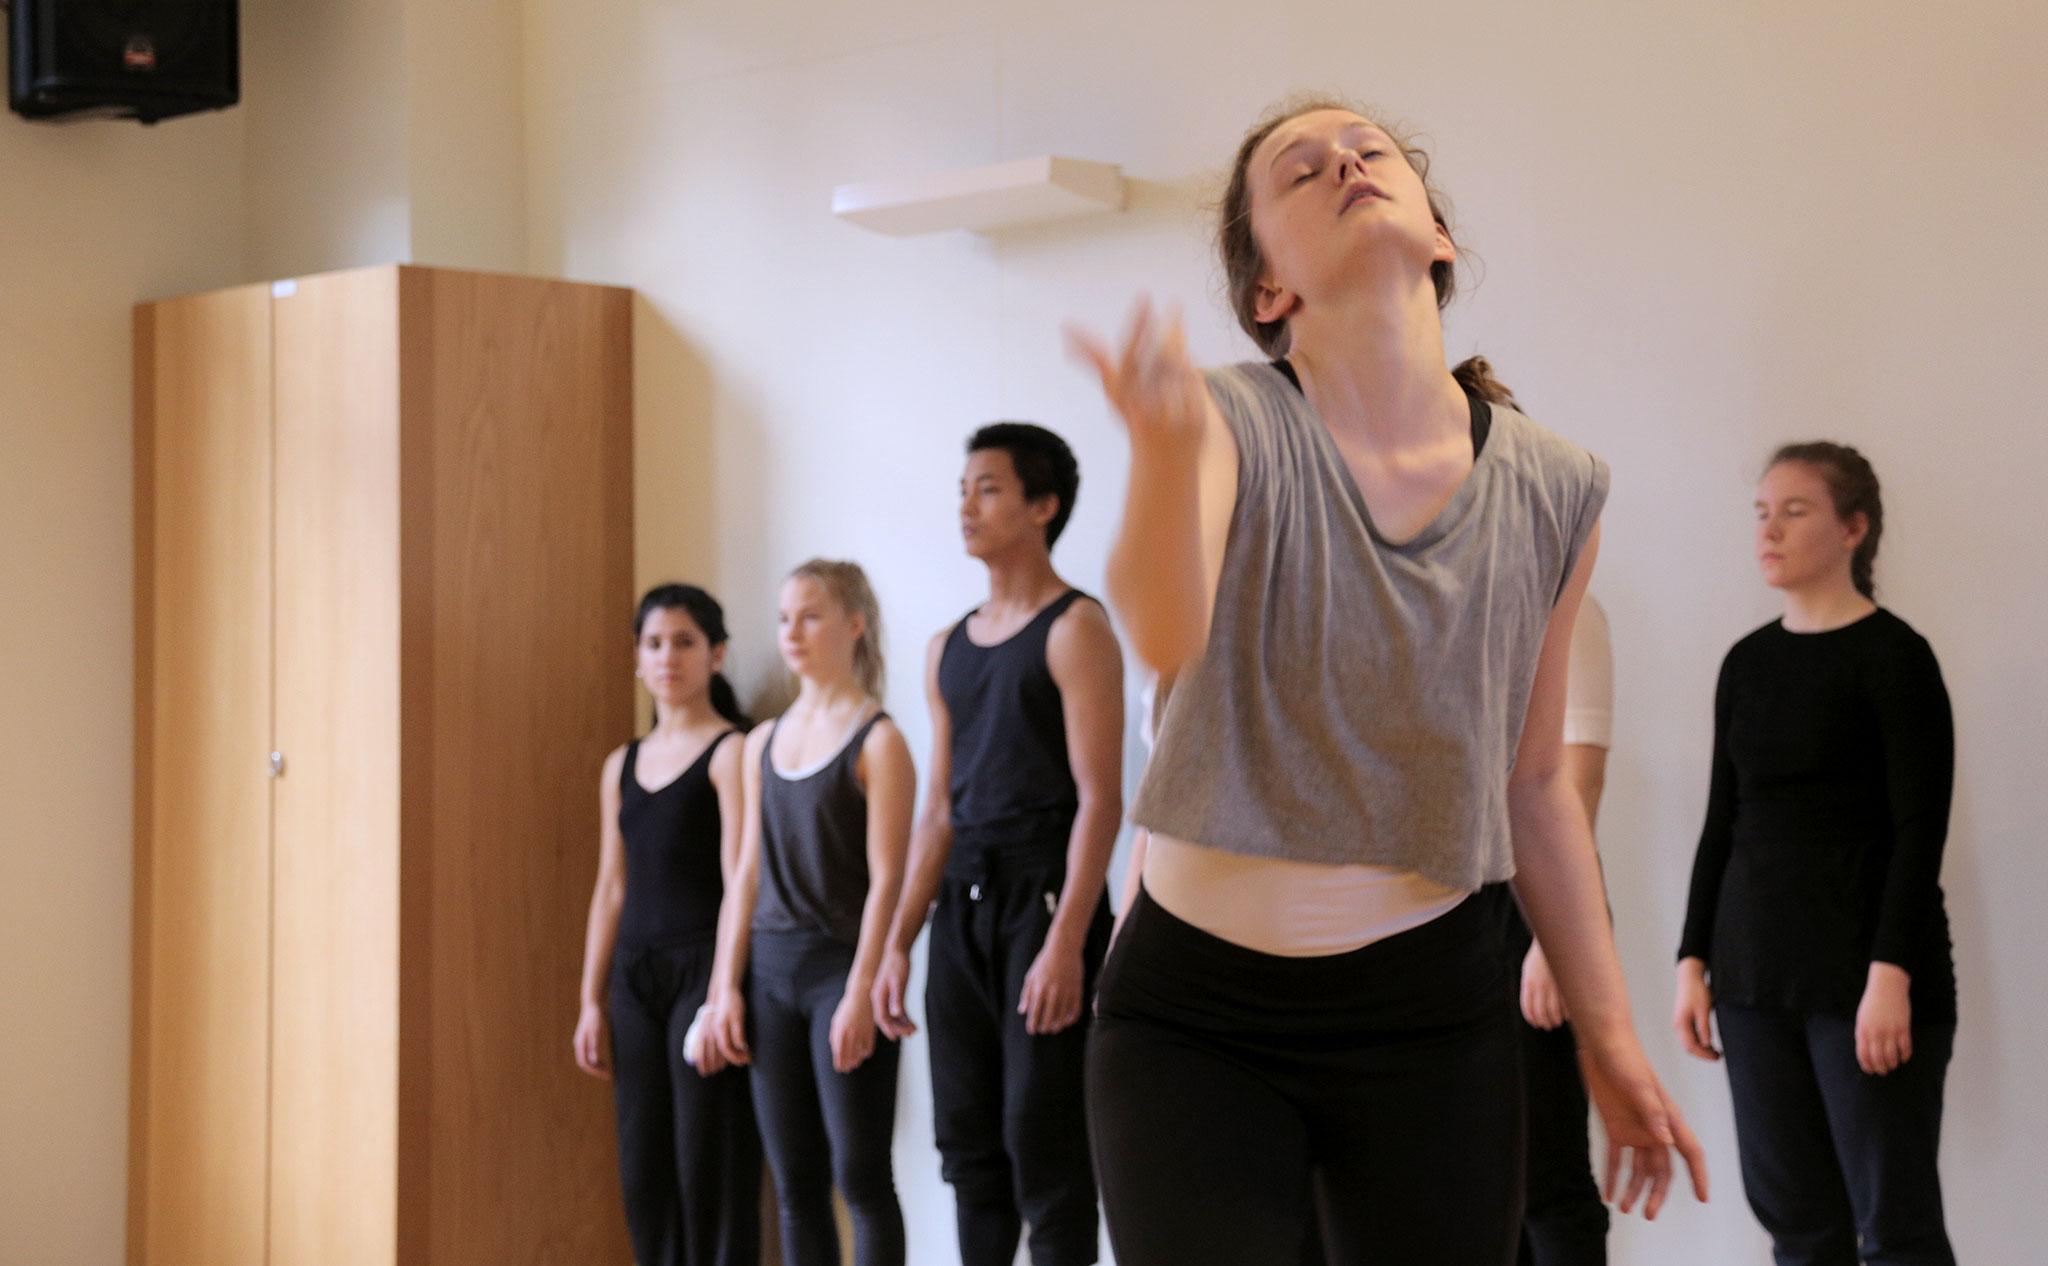 Dansare i rörelse.